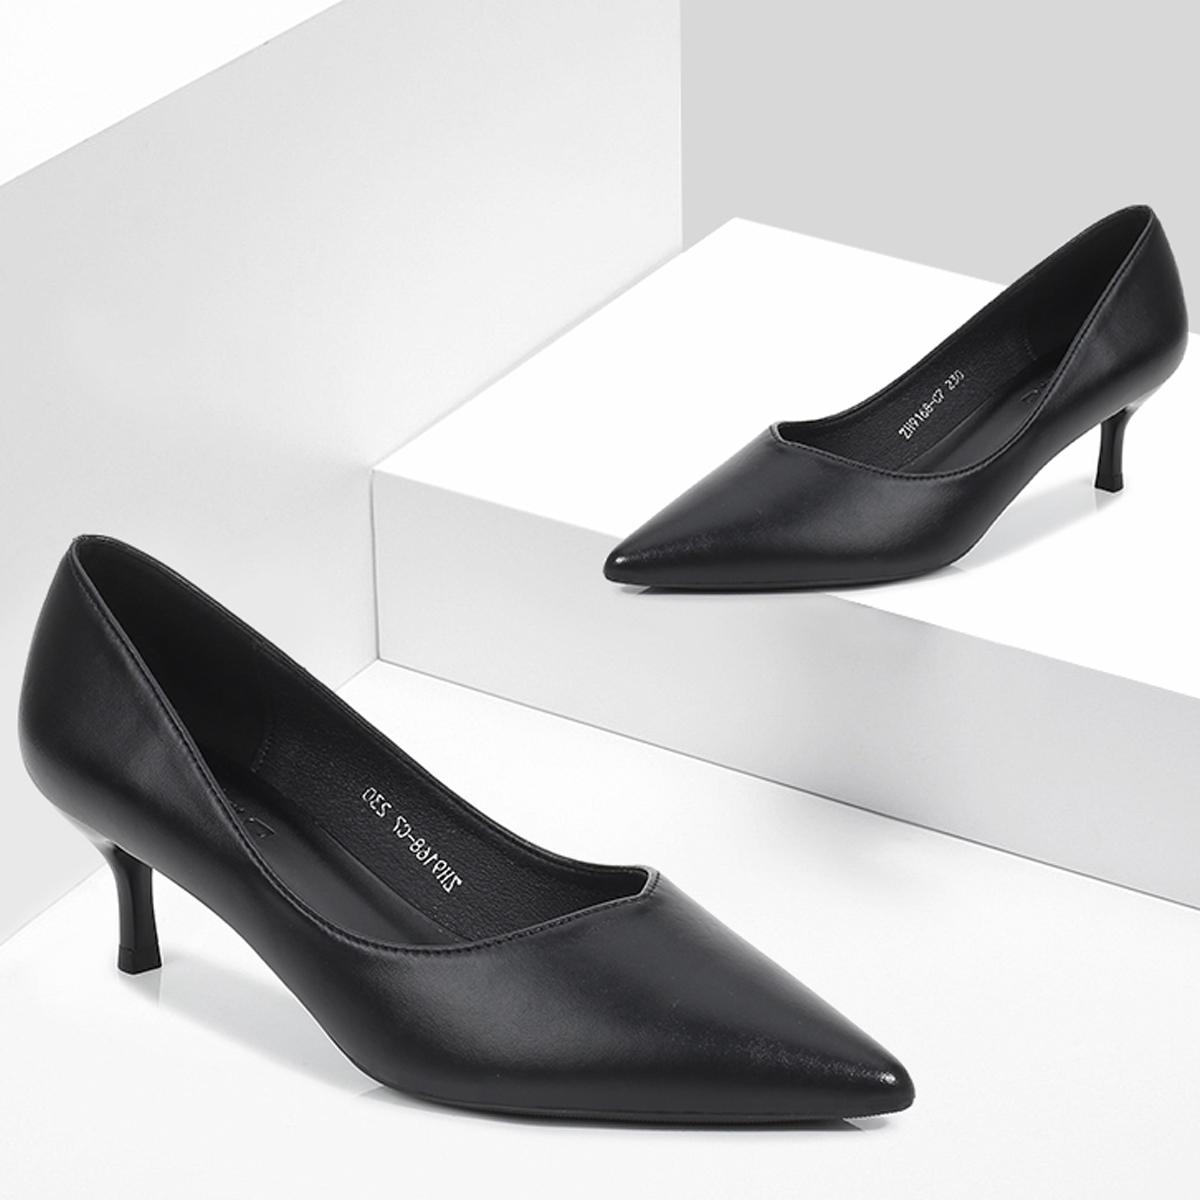 细高跟单鞋 高跟鞋软皮百搭细跟平底单鞋尖头5cm中跟3cm低跟职业女黑色工作鞋_推荐淘宝好看的女细高跟单鞋